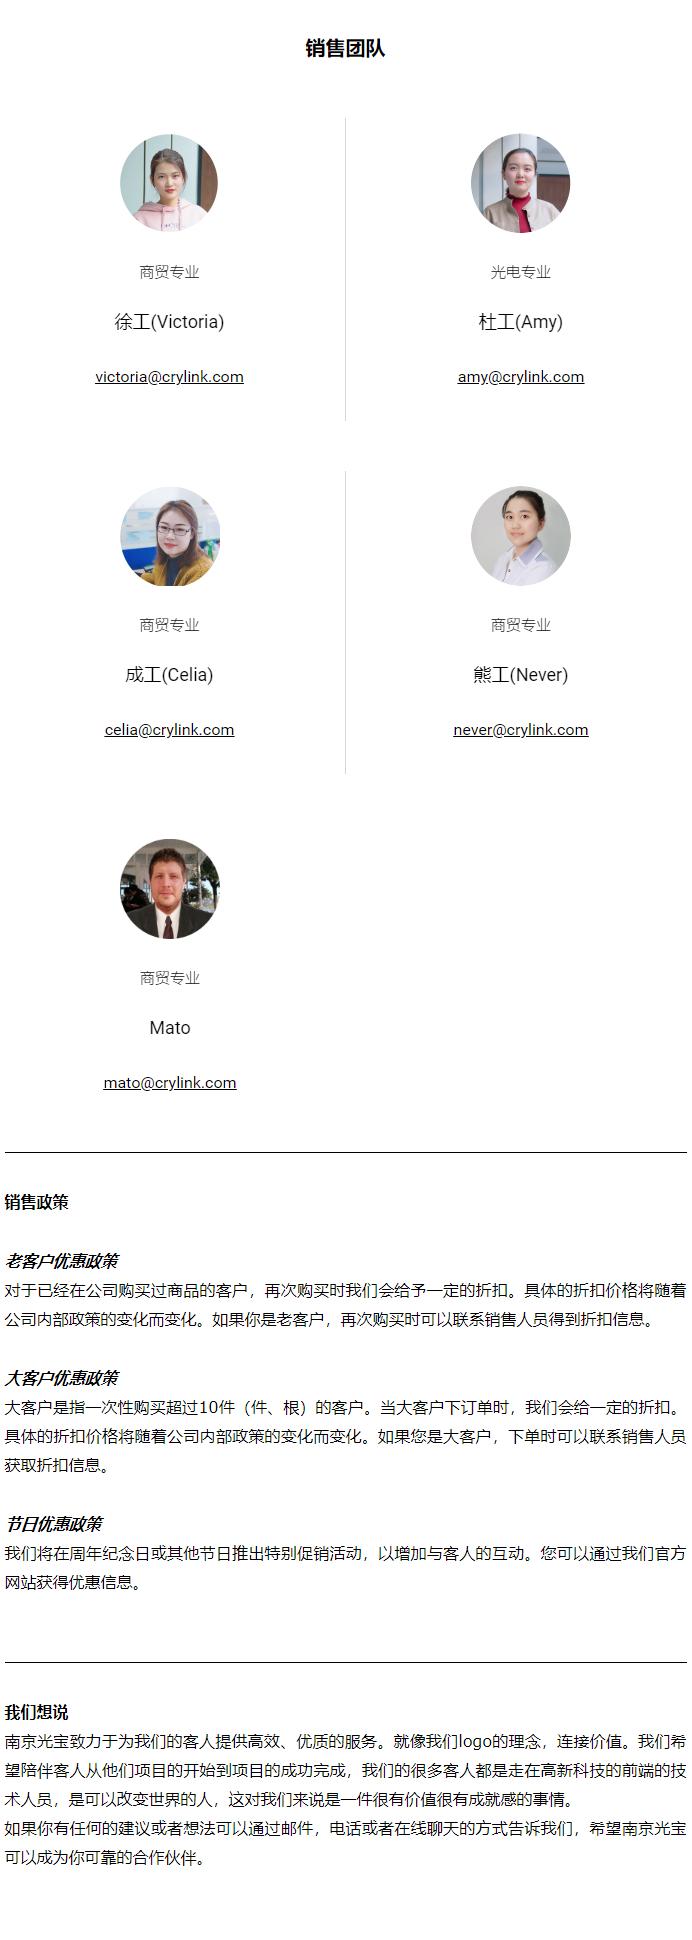 销售支持-laser-crylink.cn-南京光宝